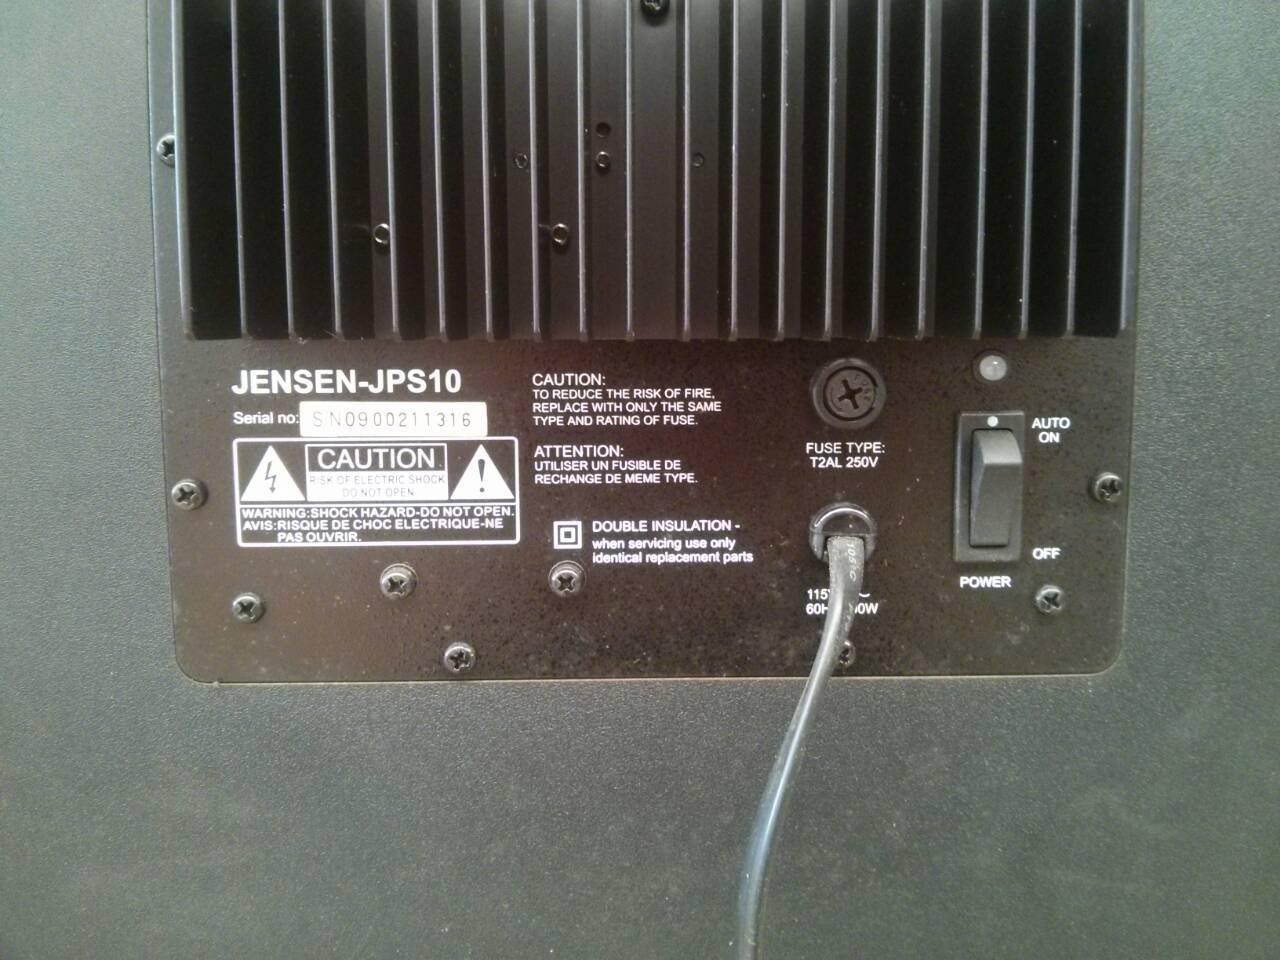 ขายซับวูฟเฟอร์ของ Jansen ใช้ไฟฟ้า 110 วัตต์น่ะครับ ไม่ใช่ 220 วัตต์